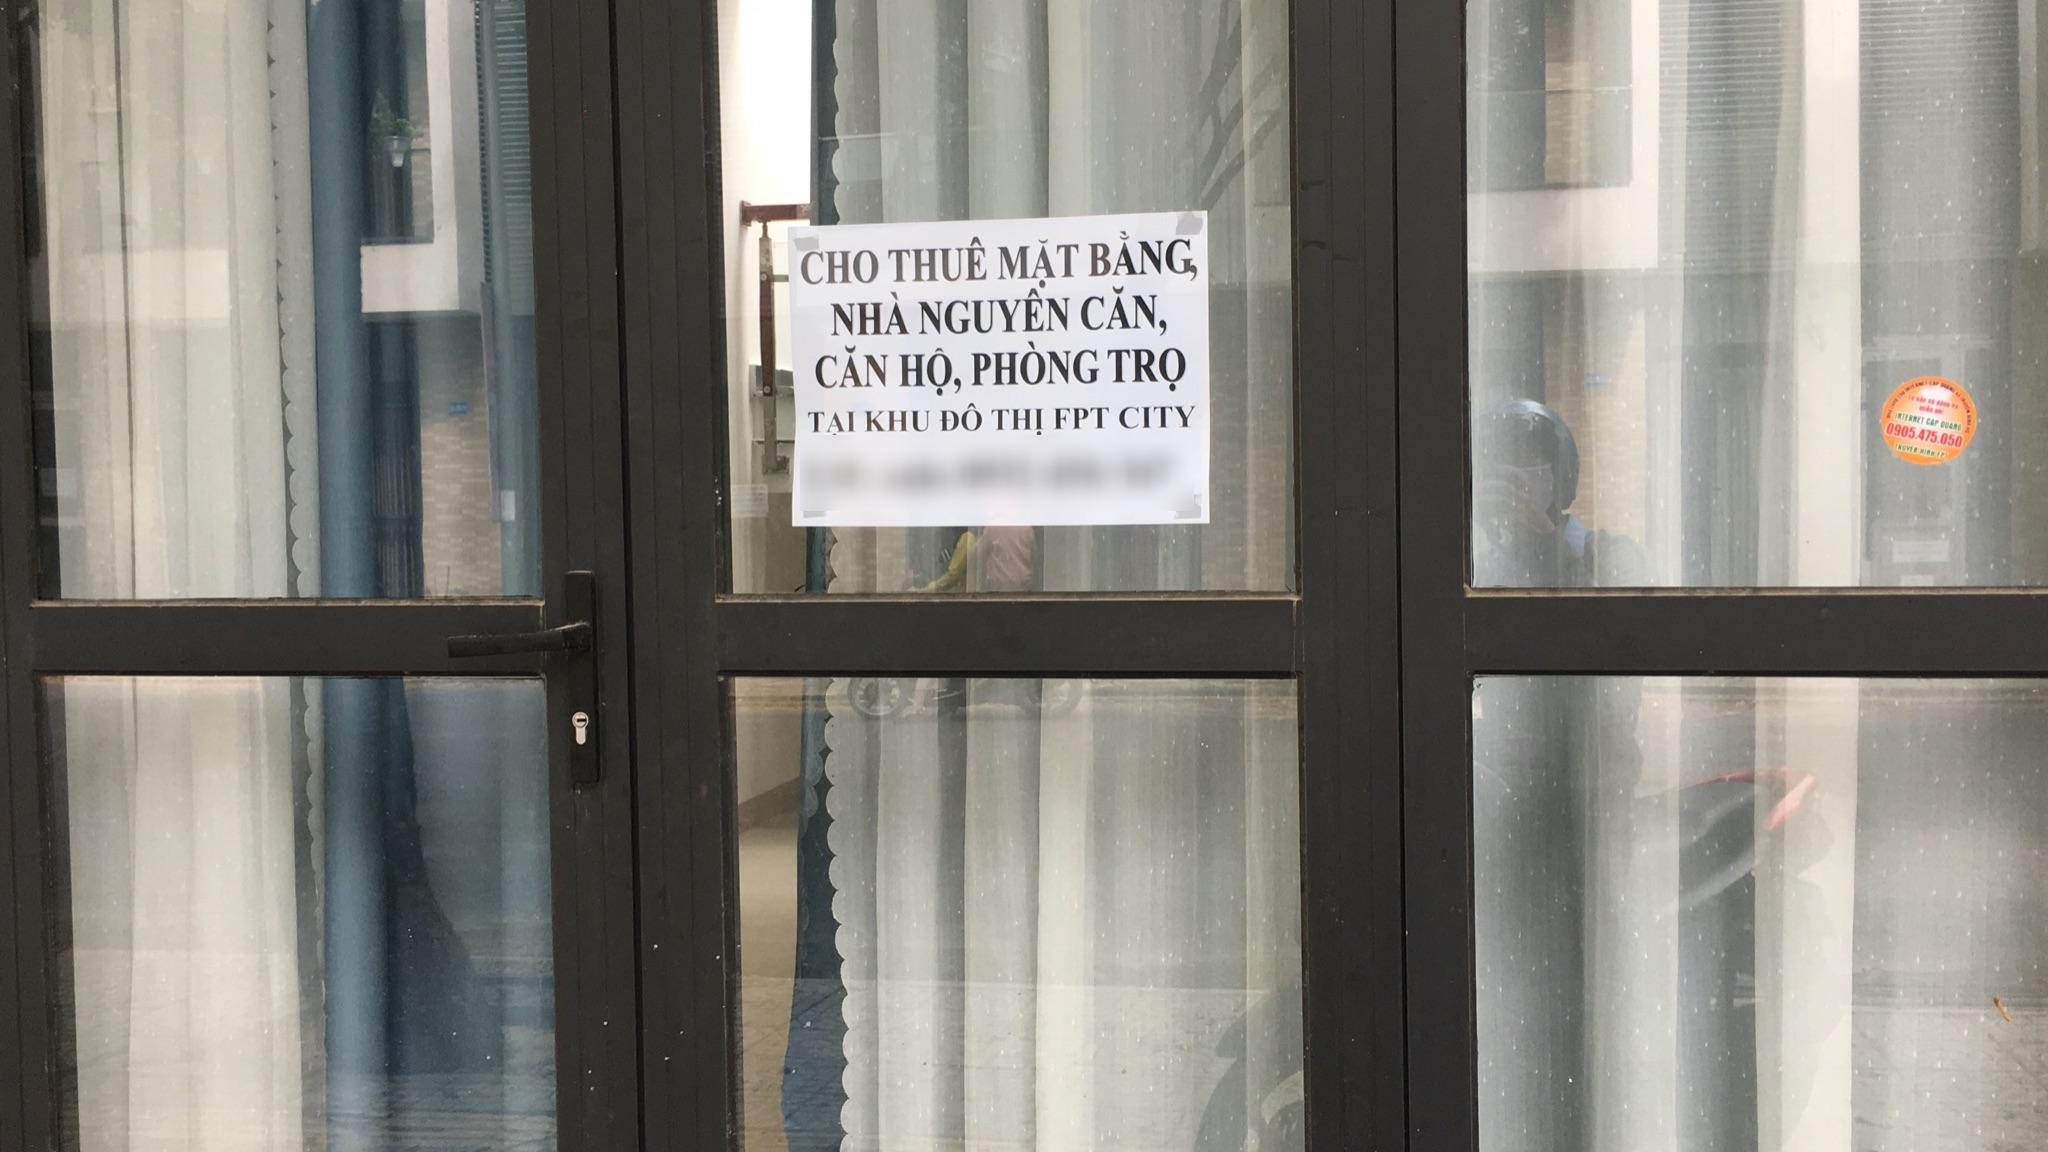 [PhotoStory] Hàng trăm shophouse chục tỉ đồng ở Đà Nẵng ế ẩm người thuê, bỏ hoang - Ảnh 12.